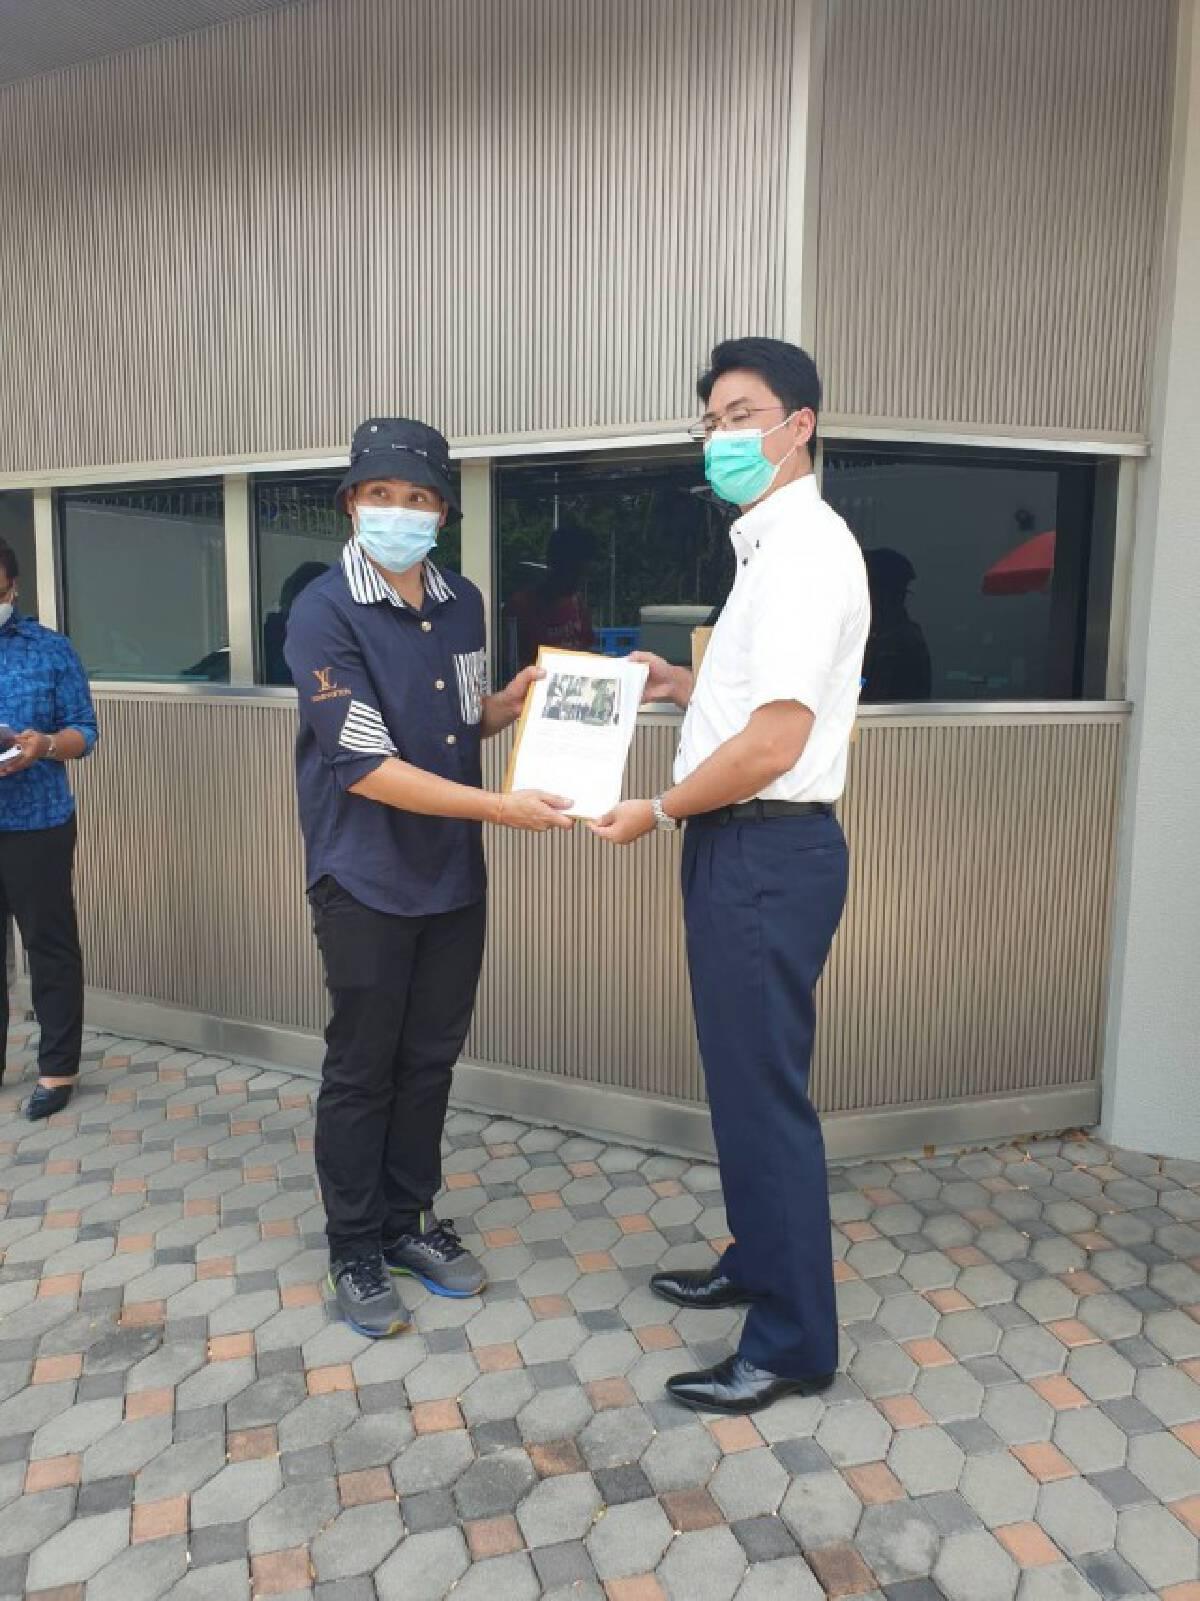 ร้องสถานฑูตญี่ปุ่น อ้างรัฐบาลไทย หนุนกองทัพเมียนมา